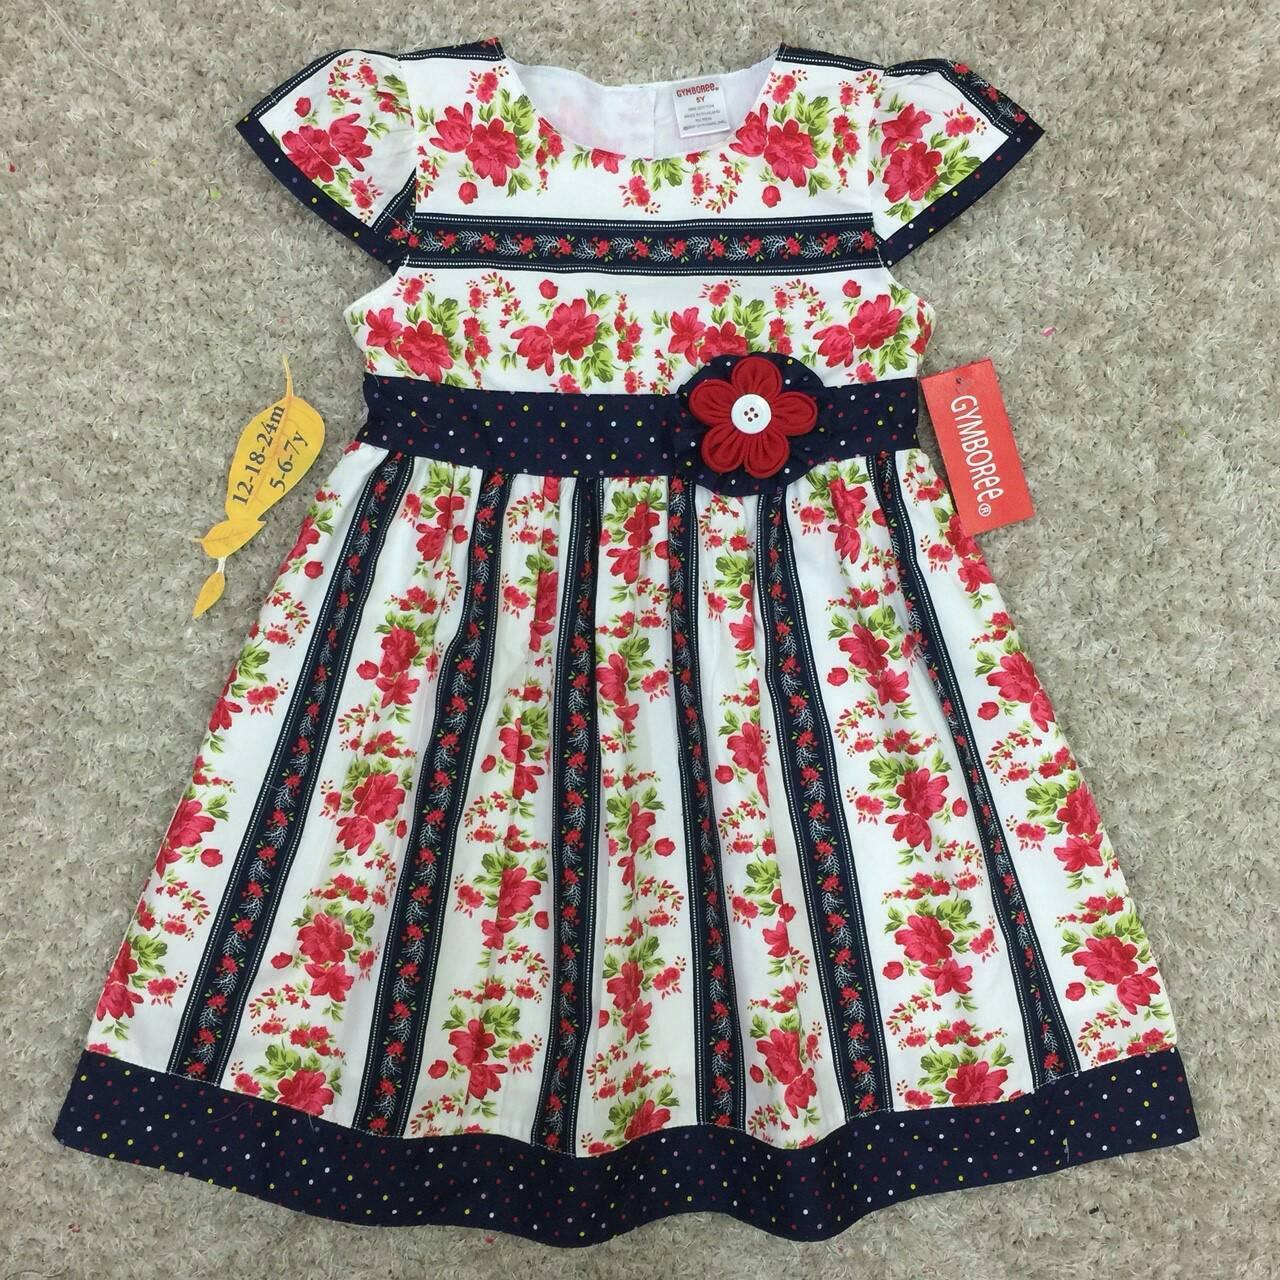 เสื้อผ้าเด็ก 1-2ปี size 12m-18m-24m ลายดอกไม้ สีกรม แต่งด้วยดอกไม้ผ้า handmade